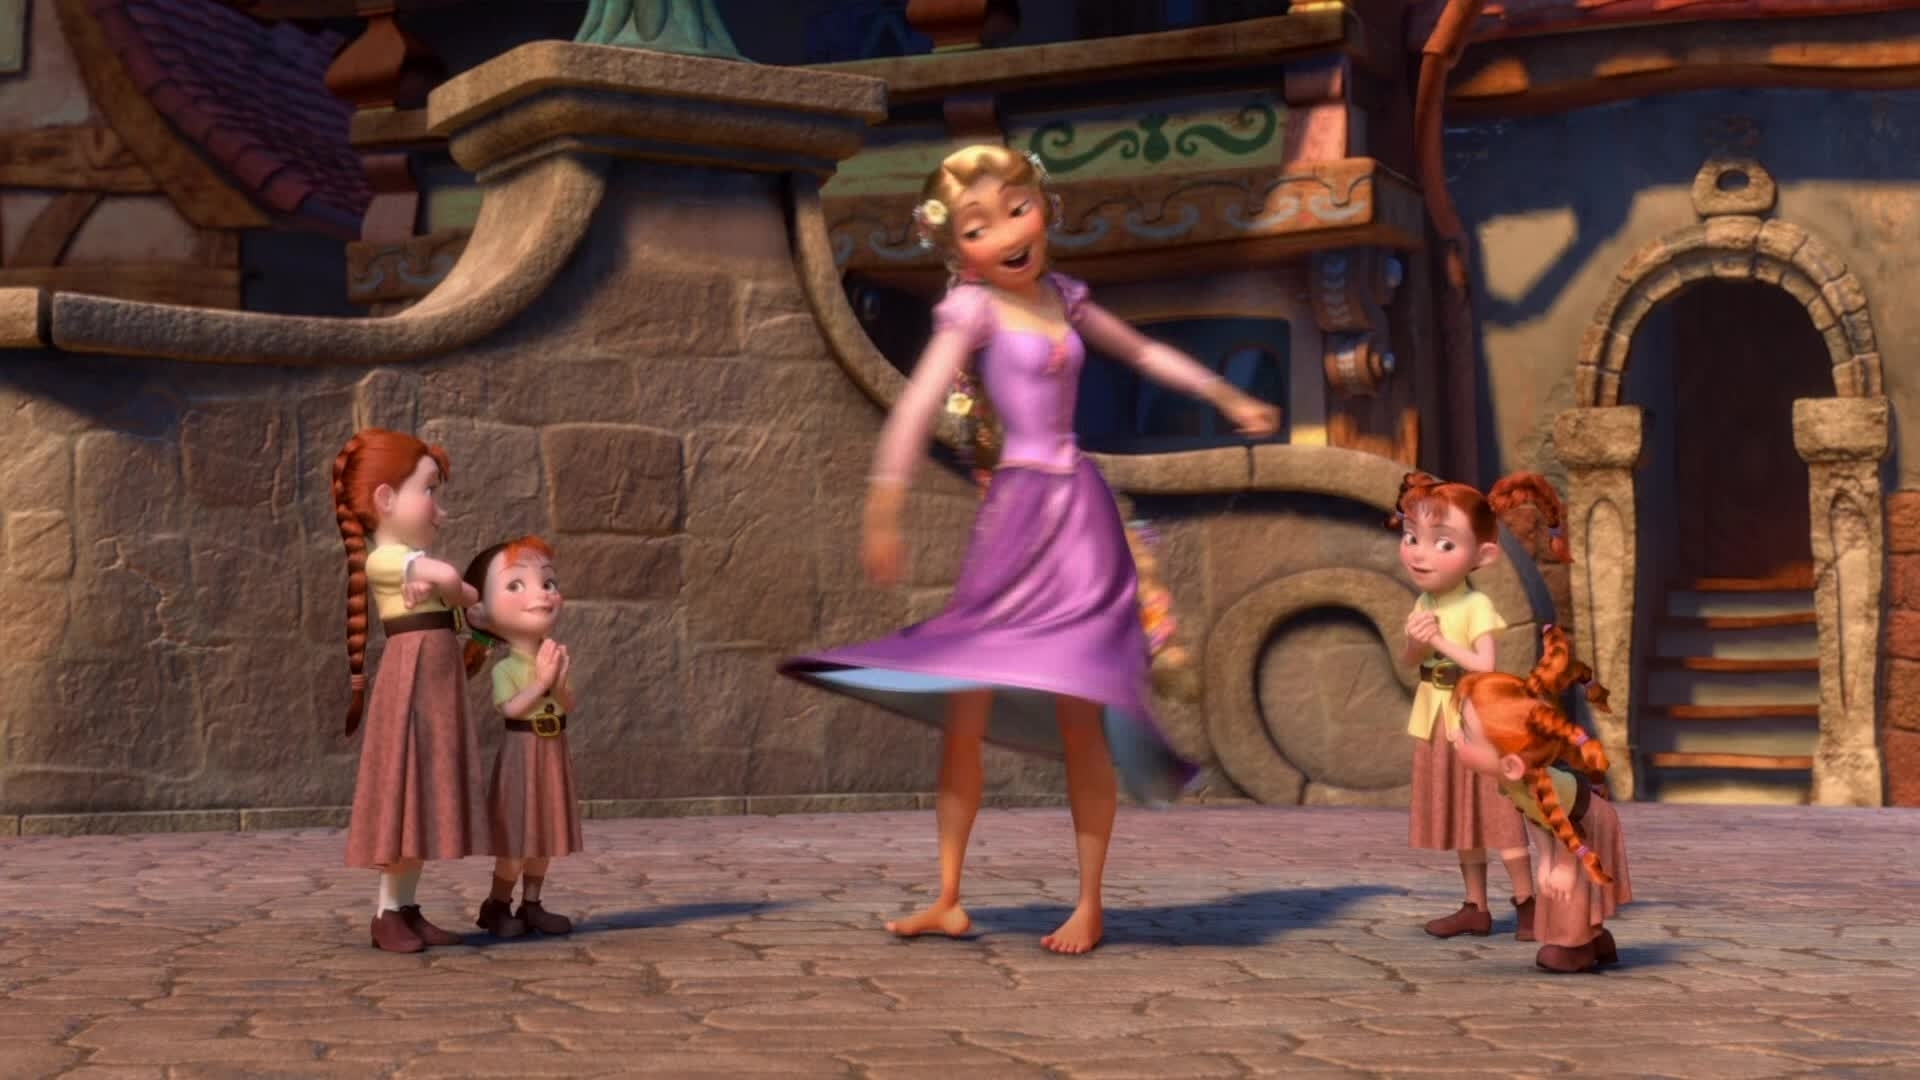 Följ dina drömmar - Rapunzel